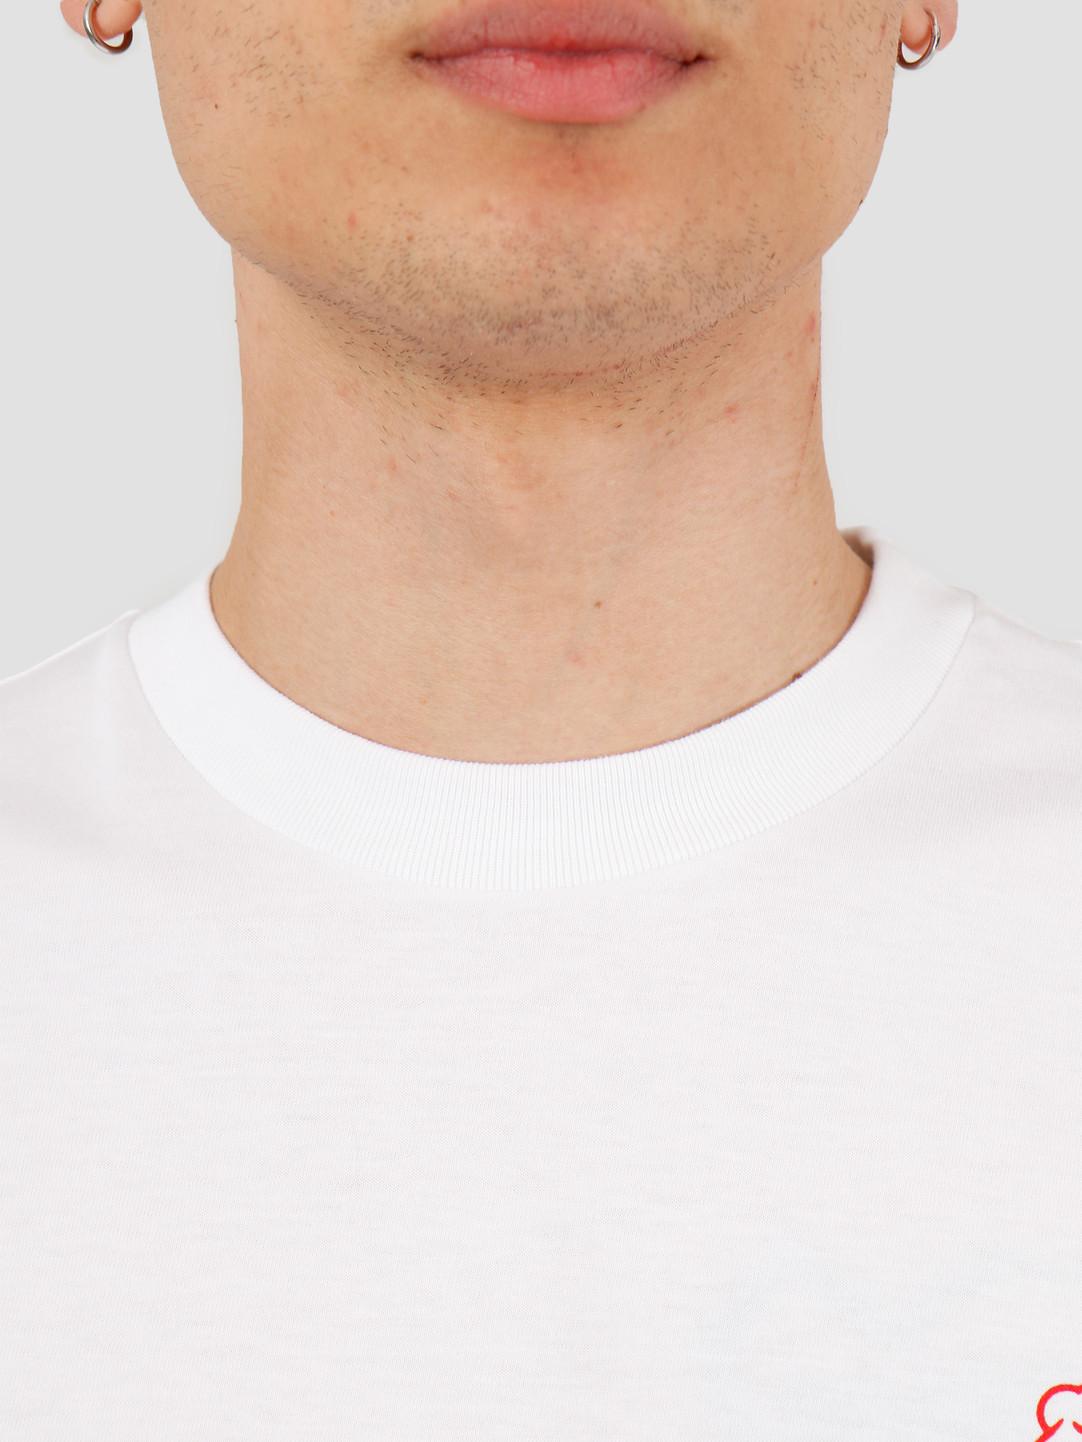 Carhartt WIP Carhartt WIP Bene T-Shirt White Red I027811-290